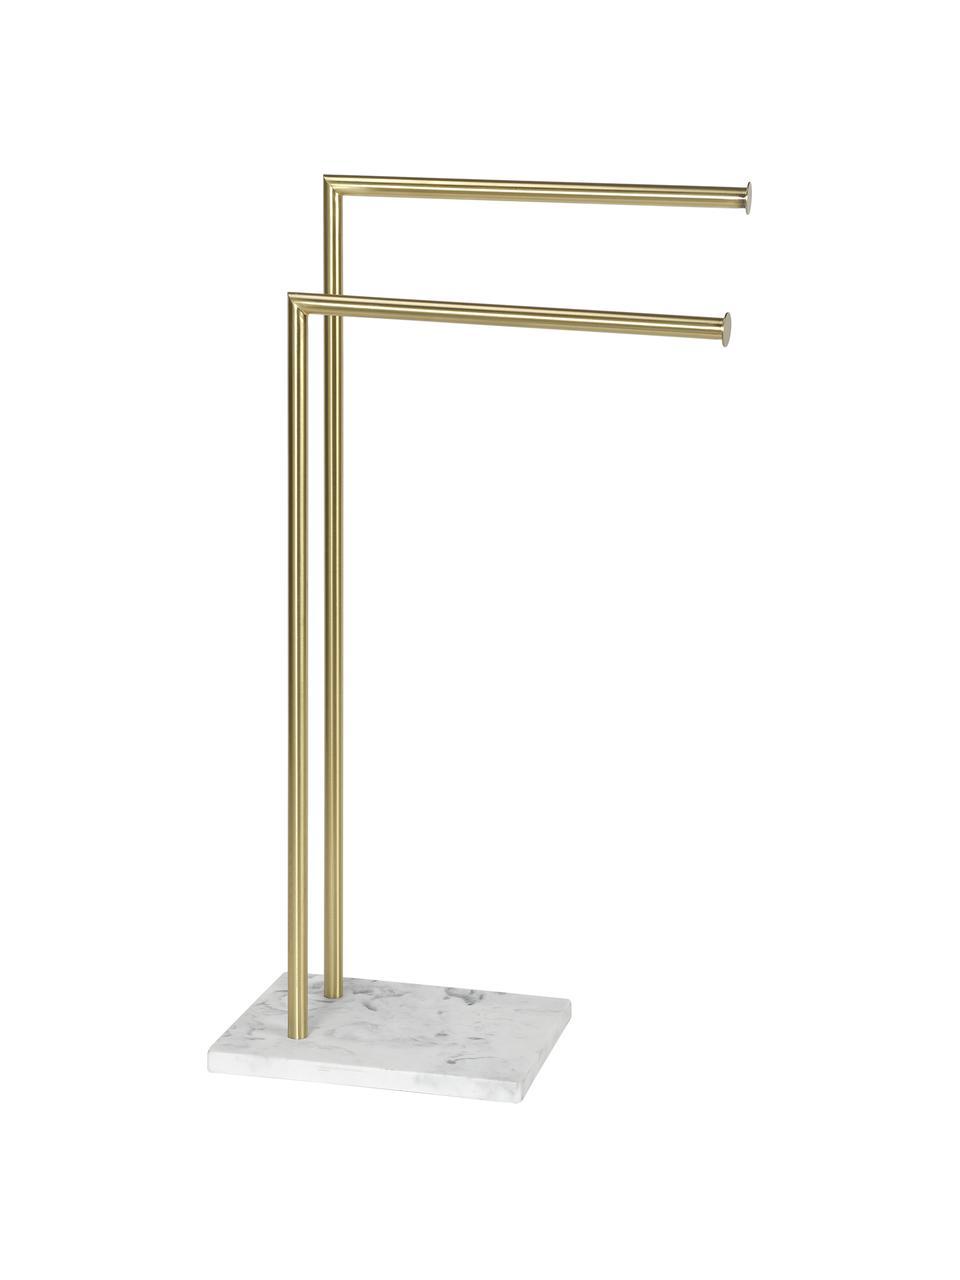 Handtuchhalter Albany, Halter: Metall, beschichtet, Messingfarben, Weiß, 25 x 83 cm